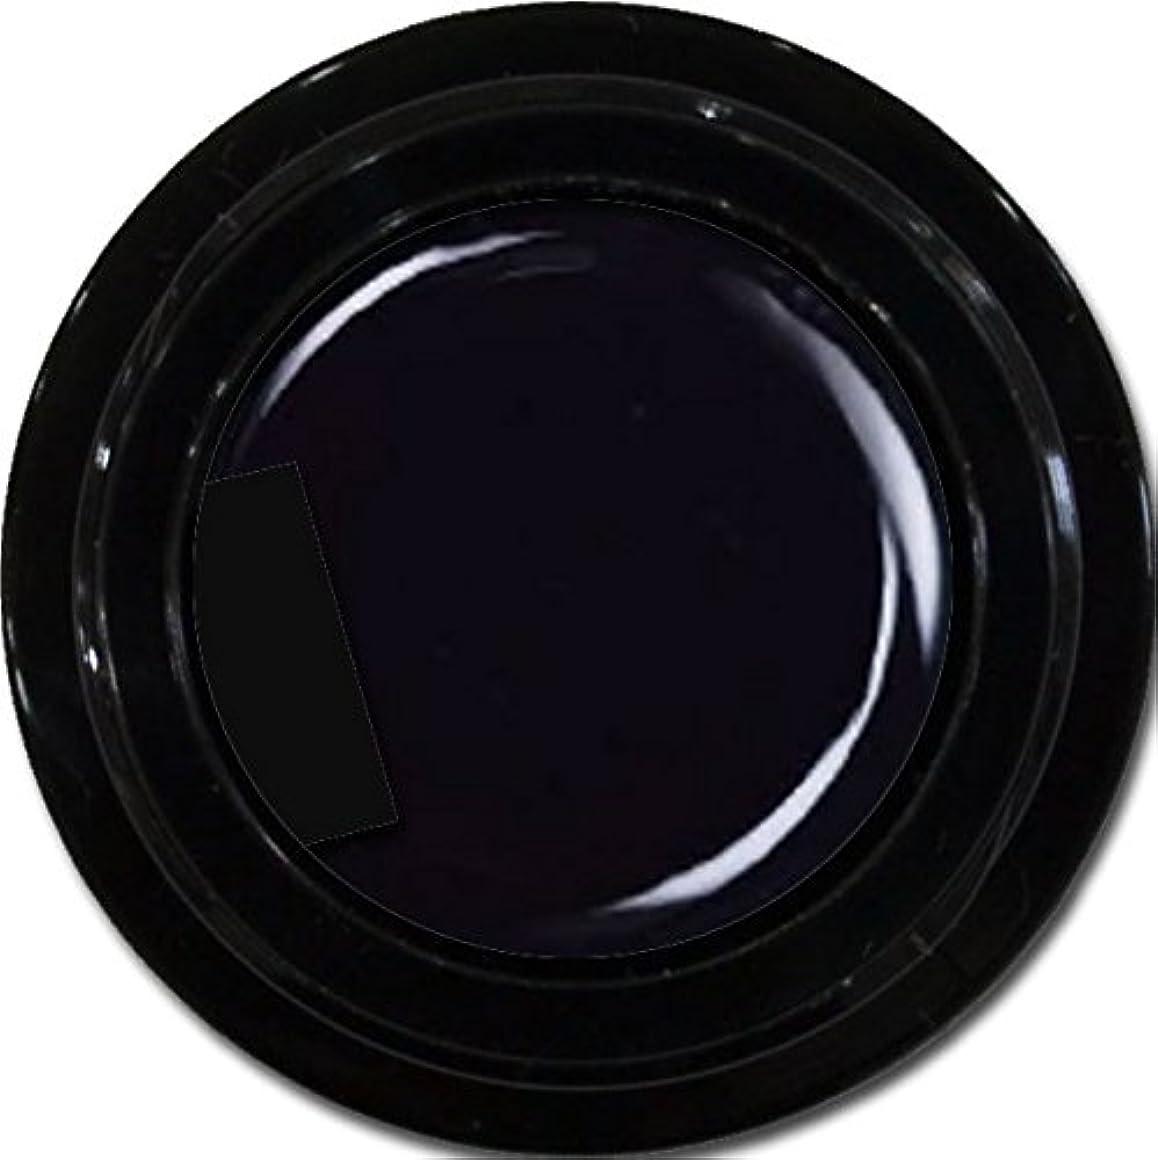 イデオロギー伴う期待するカラージェル enchant color gel M901 Extreme Black 3g/マットカラージェル M901 エクストリームブラック 3グラム